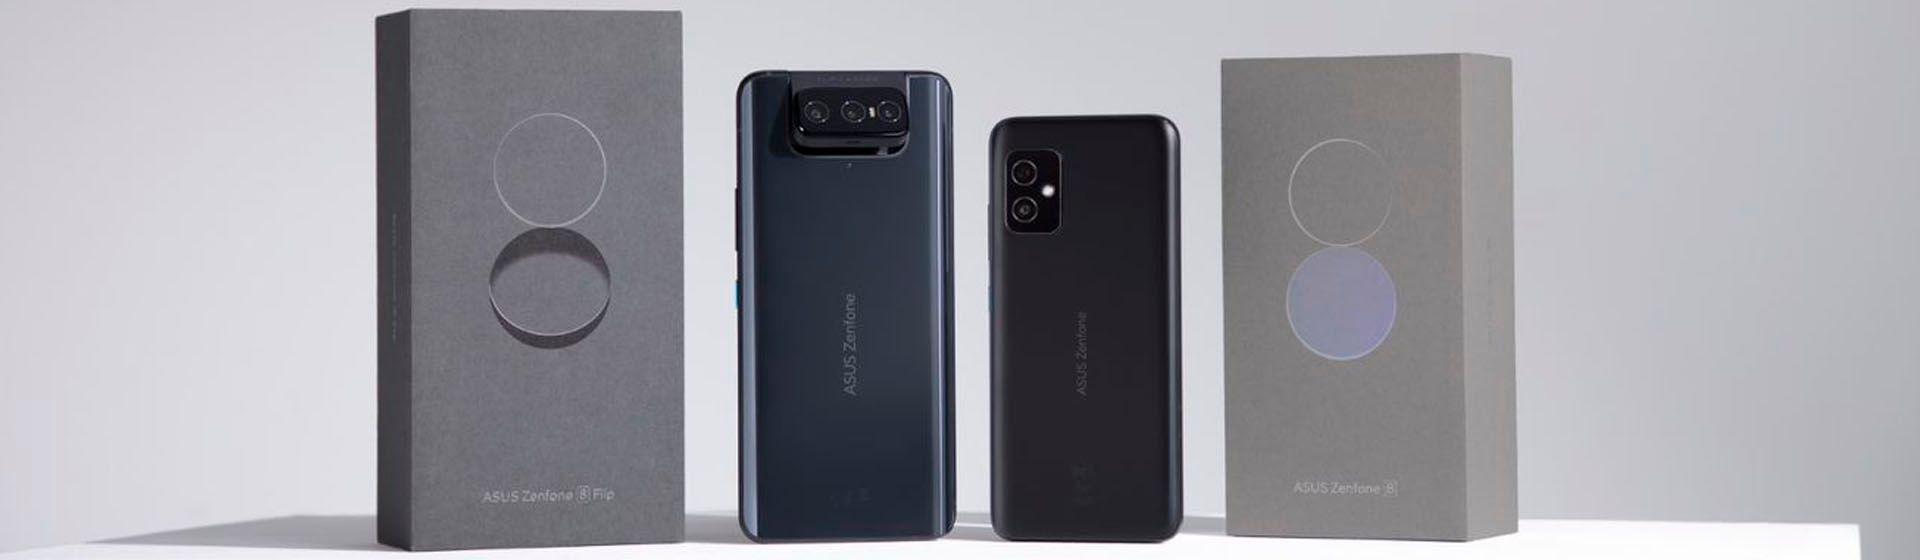 Zenfone 8 e Zenfone 8 Flip: conheça os novos celulares Asus